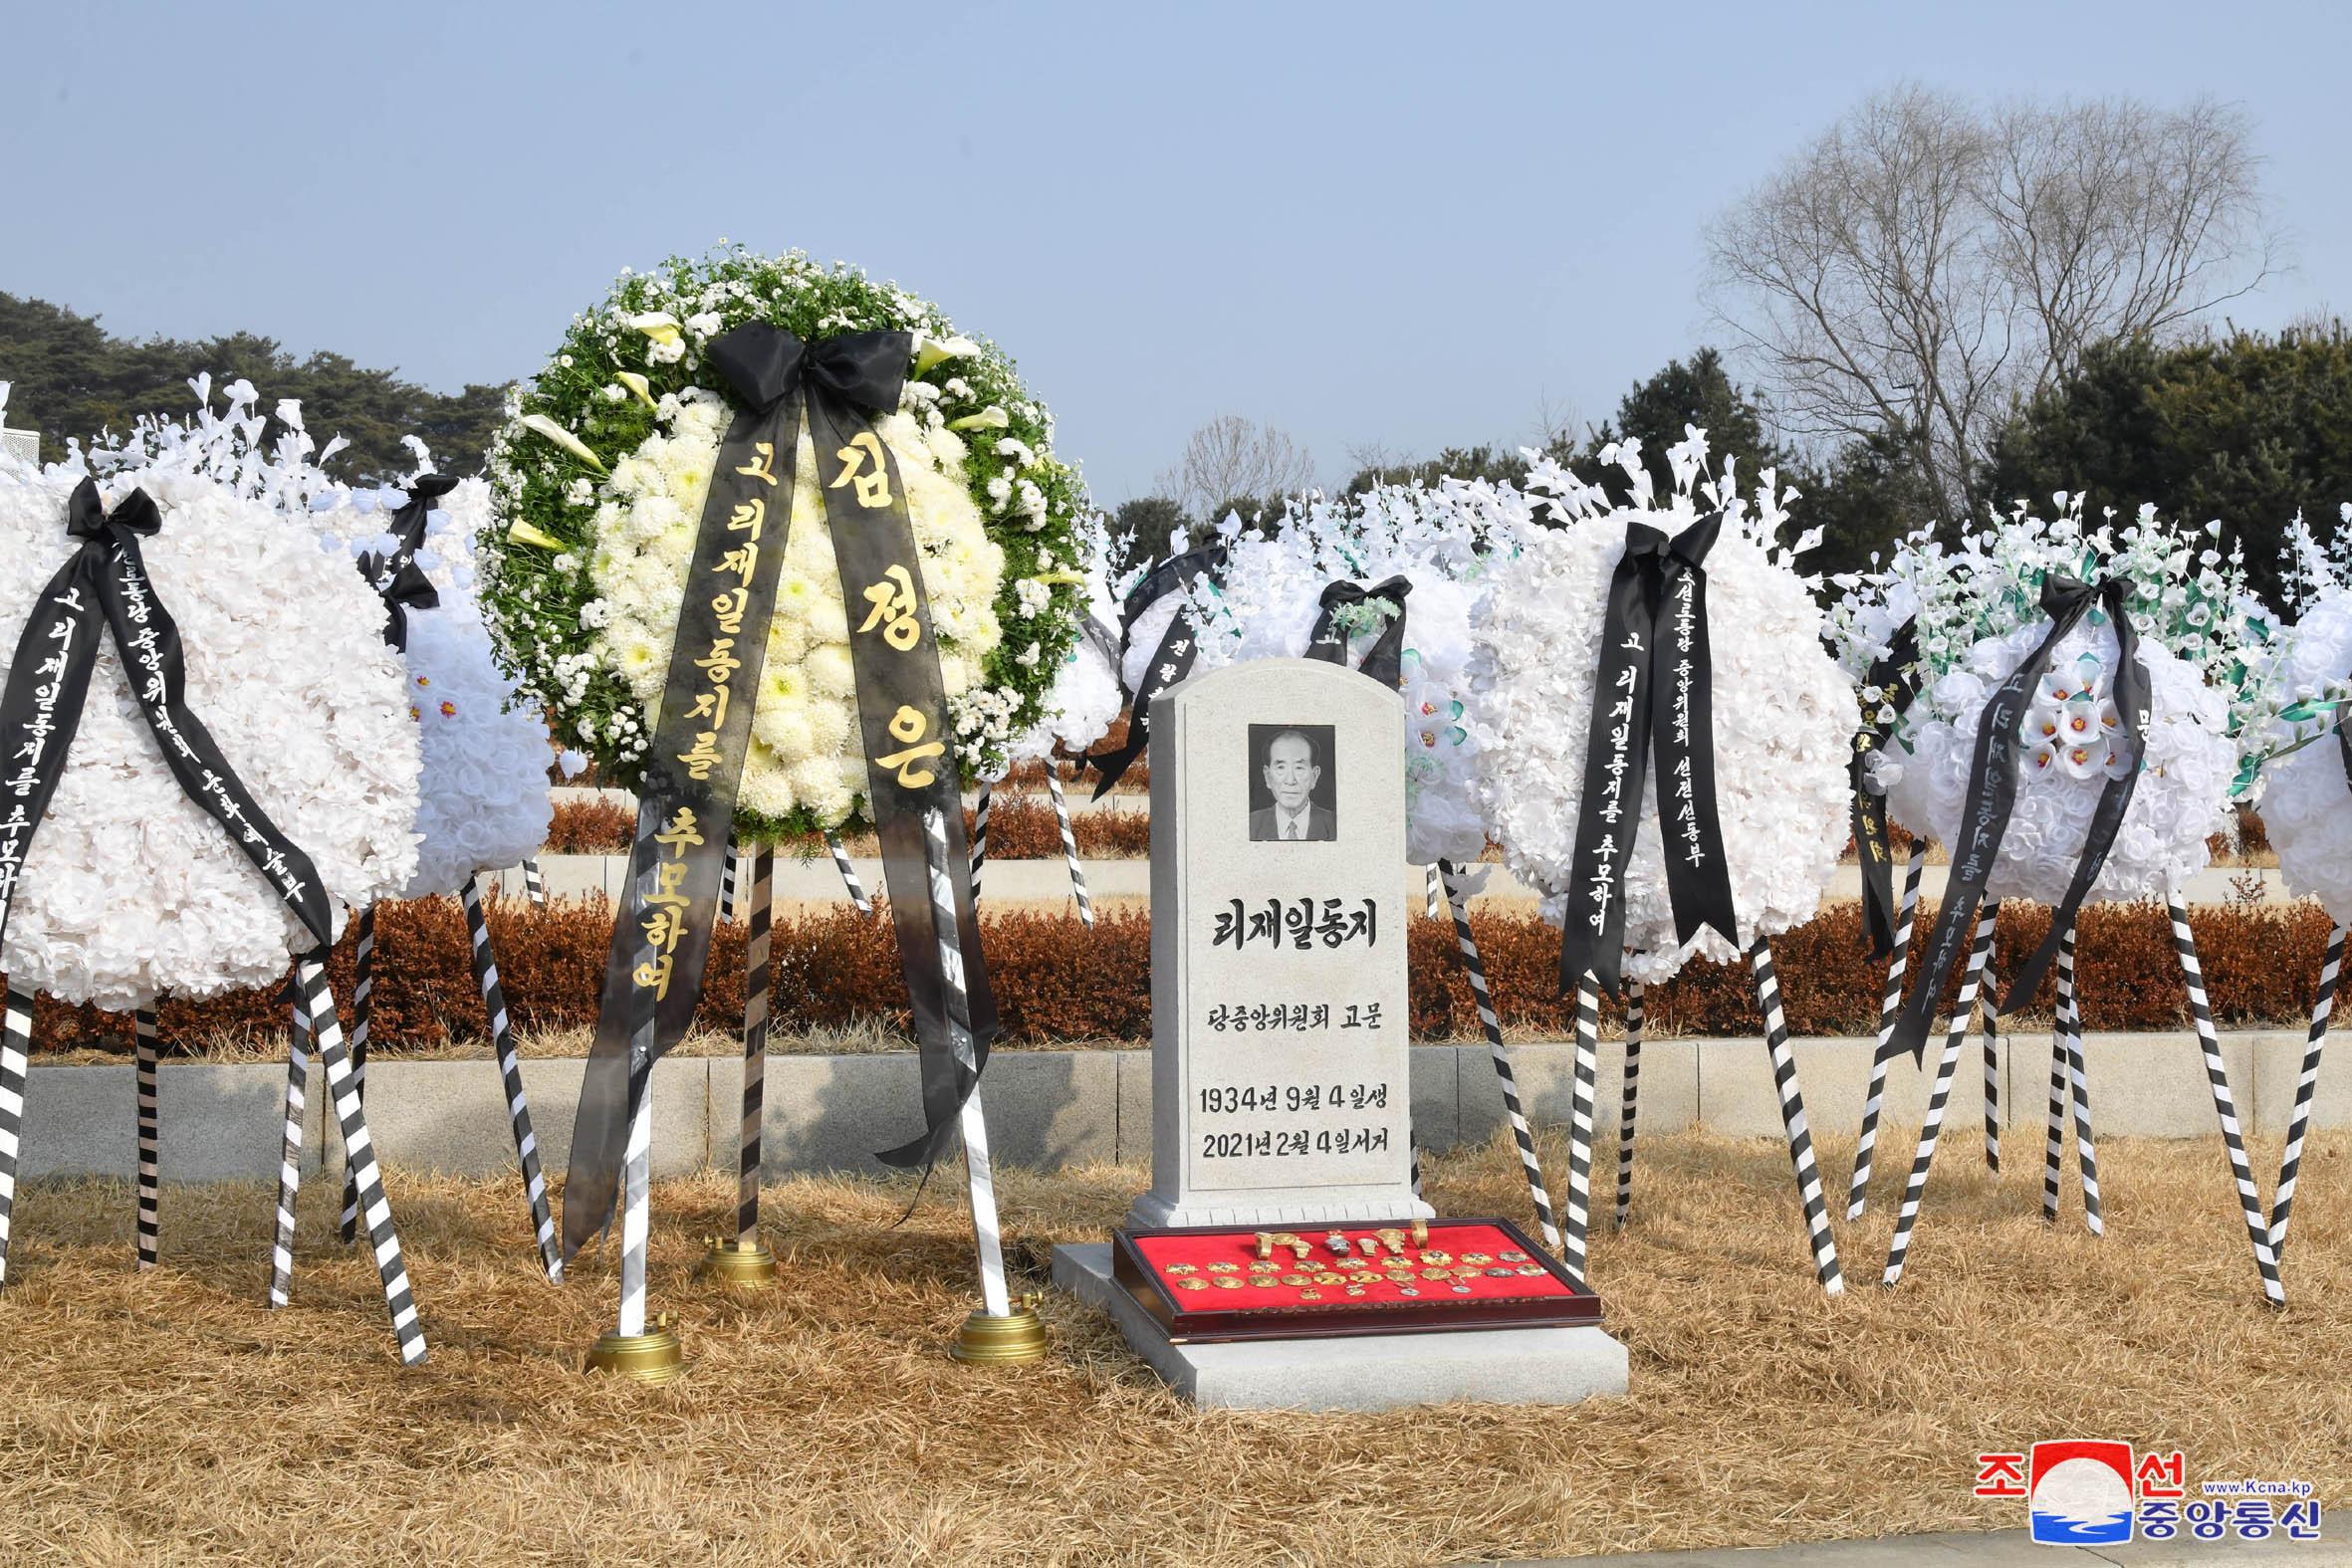 ▲▼北韓前任高官李在一病逝,金正恩致上花環表達哀悼之意。(圖/達志影像)